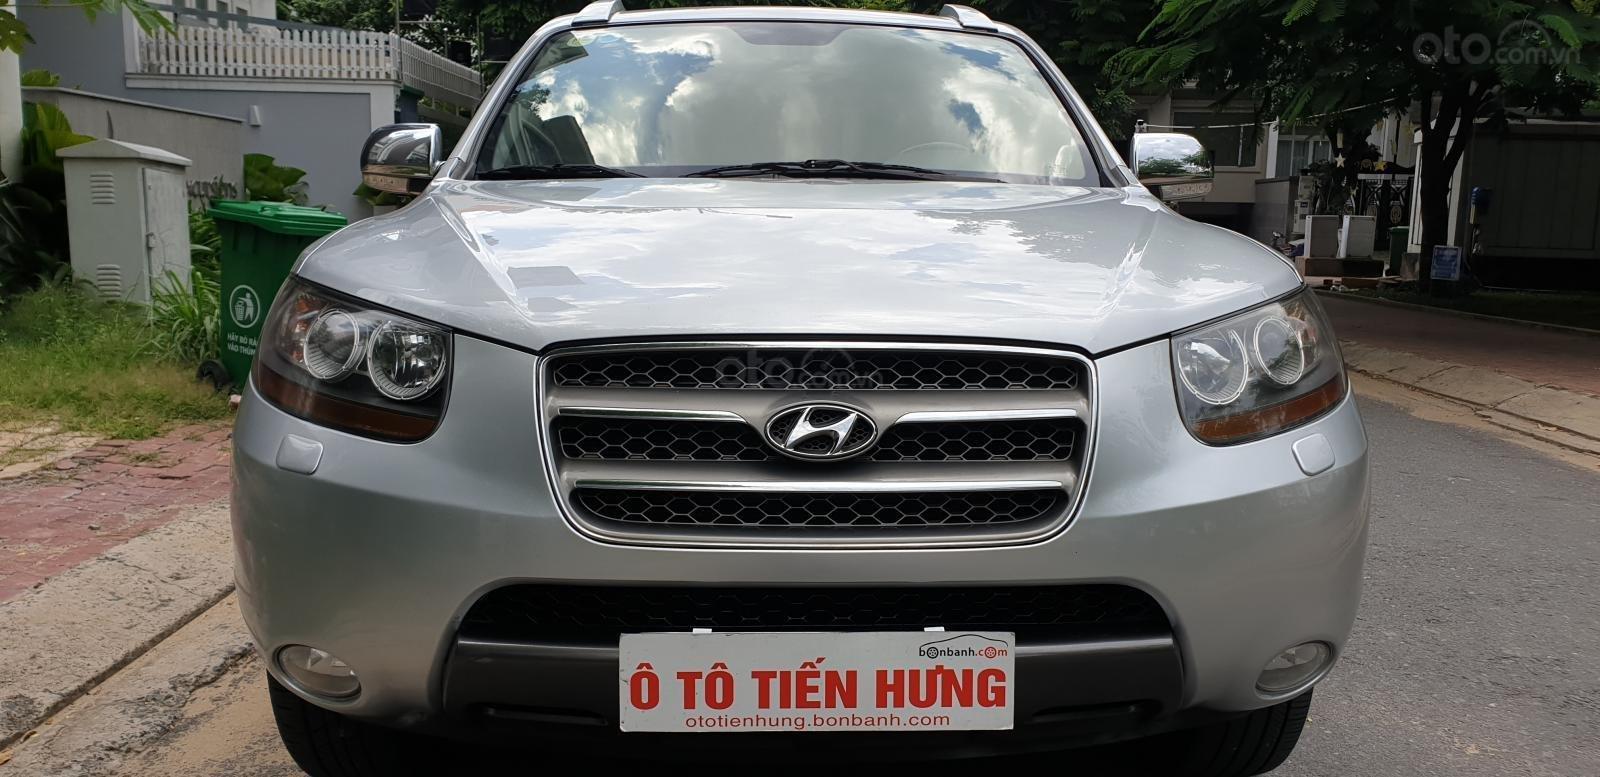 Bán Hyundai Santa Fe SLX 2.0 AT 4×2 2009, máy dầu, số tự động, màu bạc, nhập khẩu, mới 80%-6